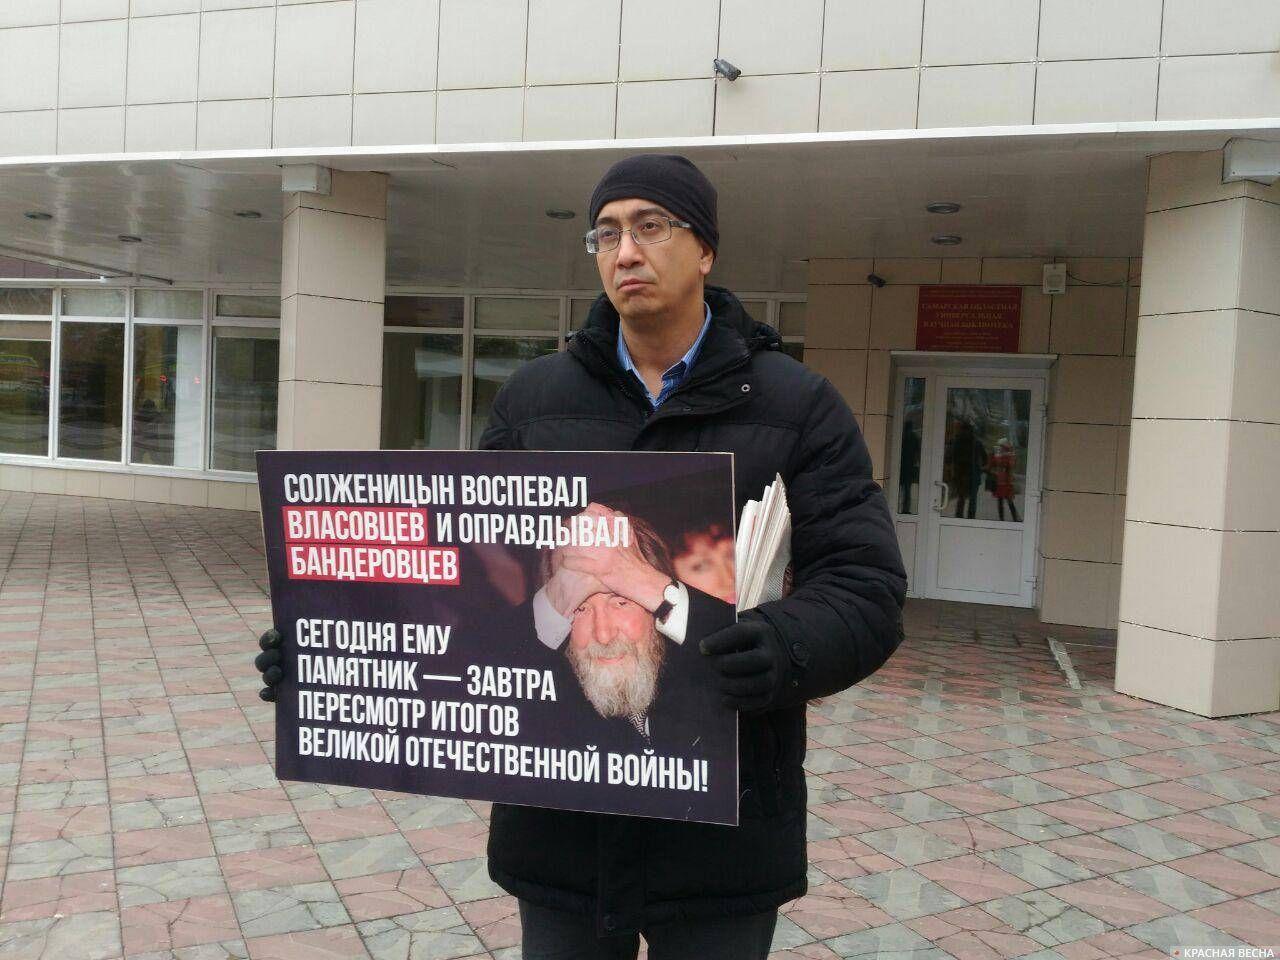 Пикет у Самарской областной библиотеки